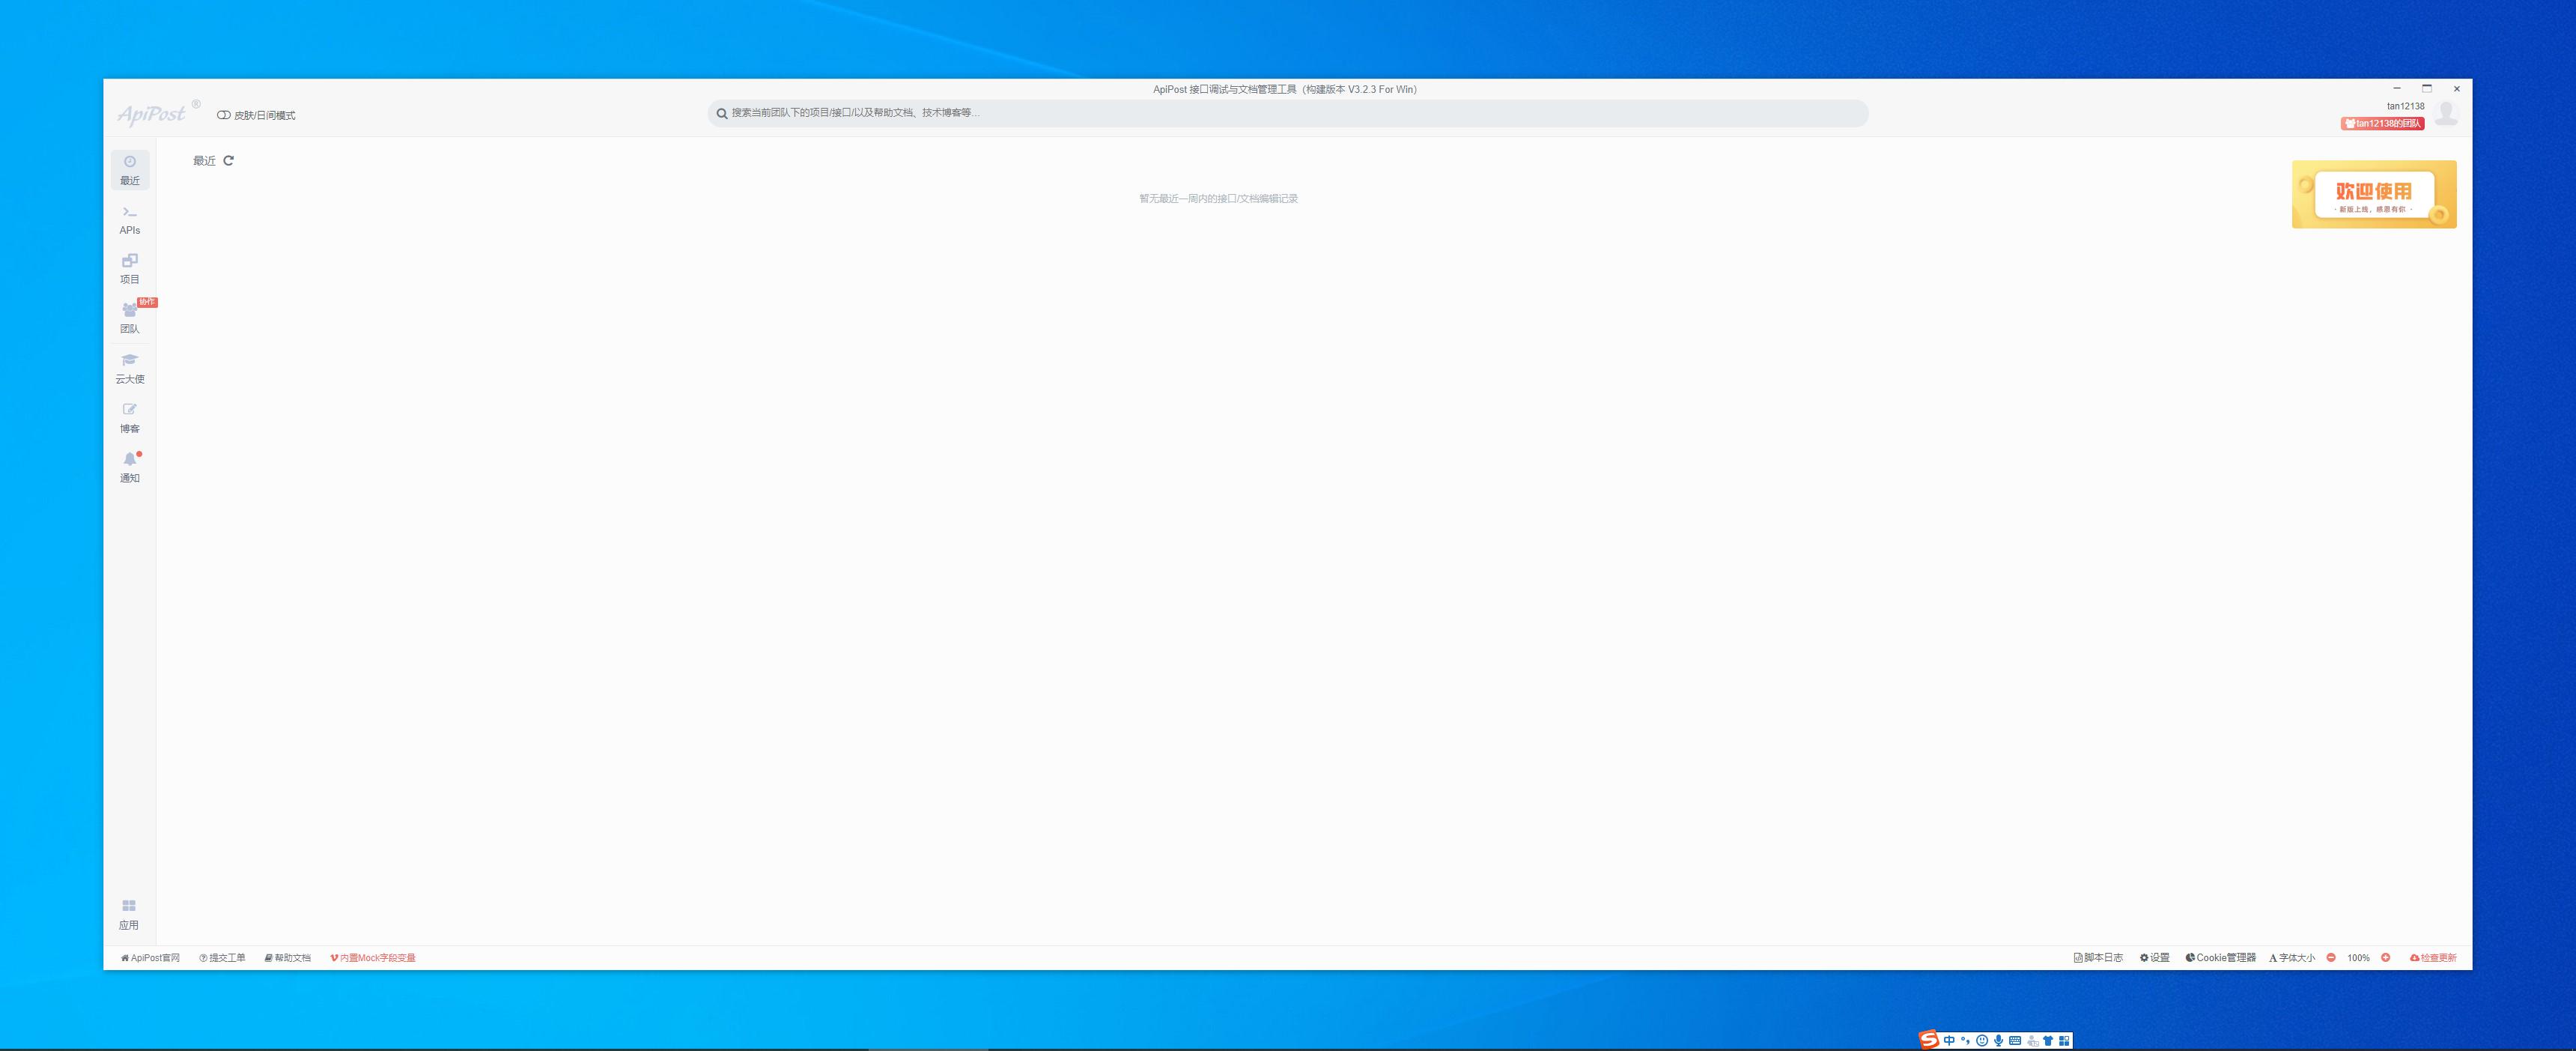 带鱼屏打开软件 默认窗口尺寸过宽